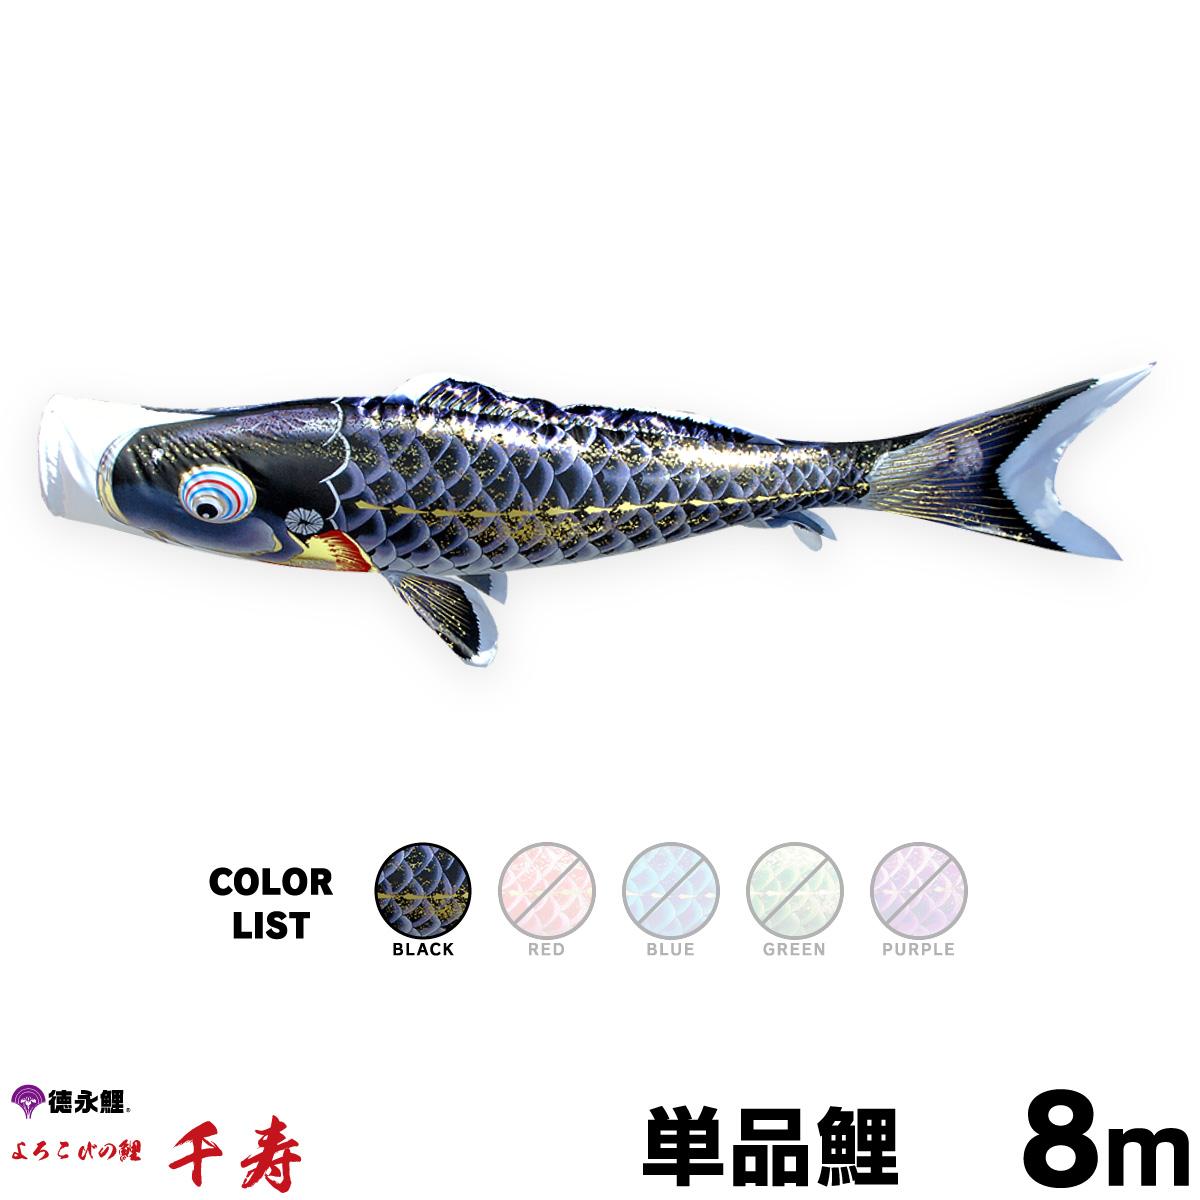 【こいのぼり 単品】 千寿 8m 単品鯉 黒